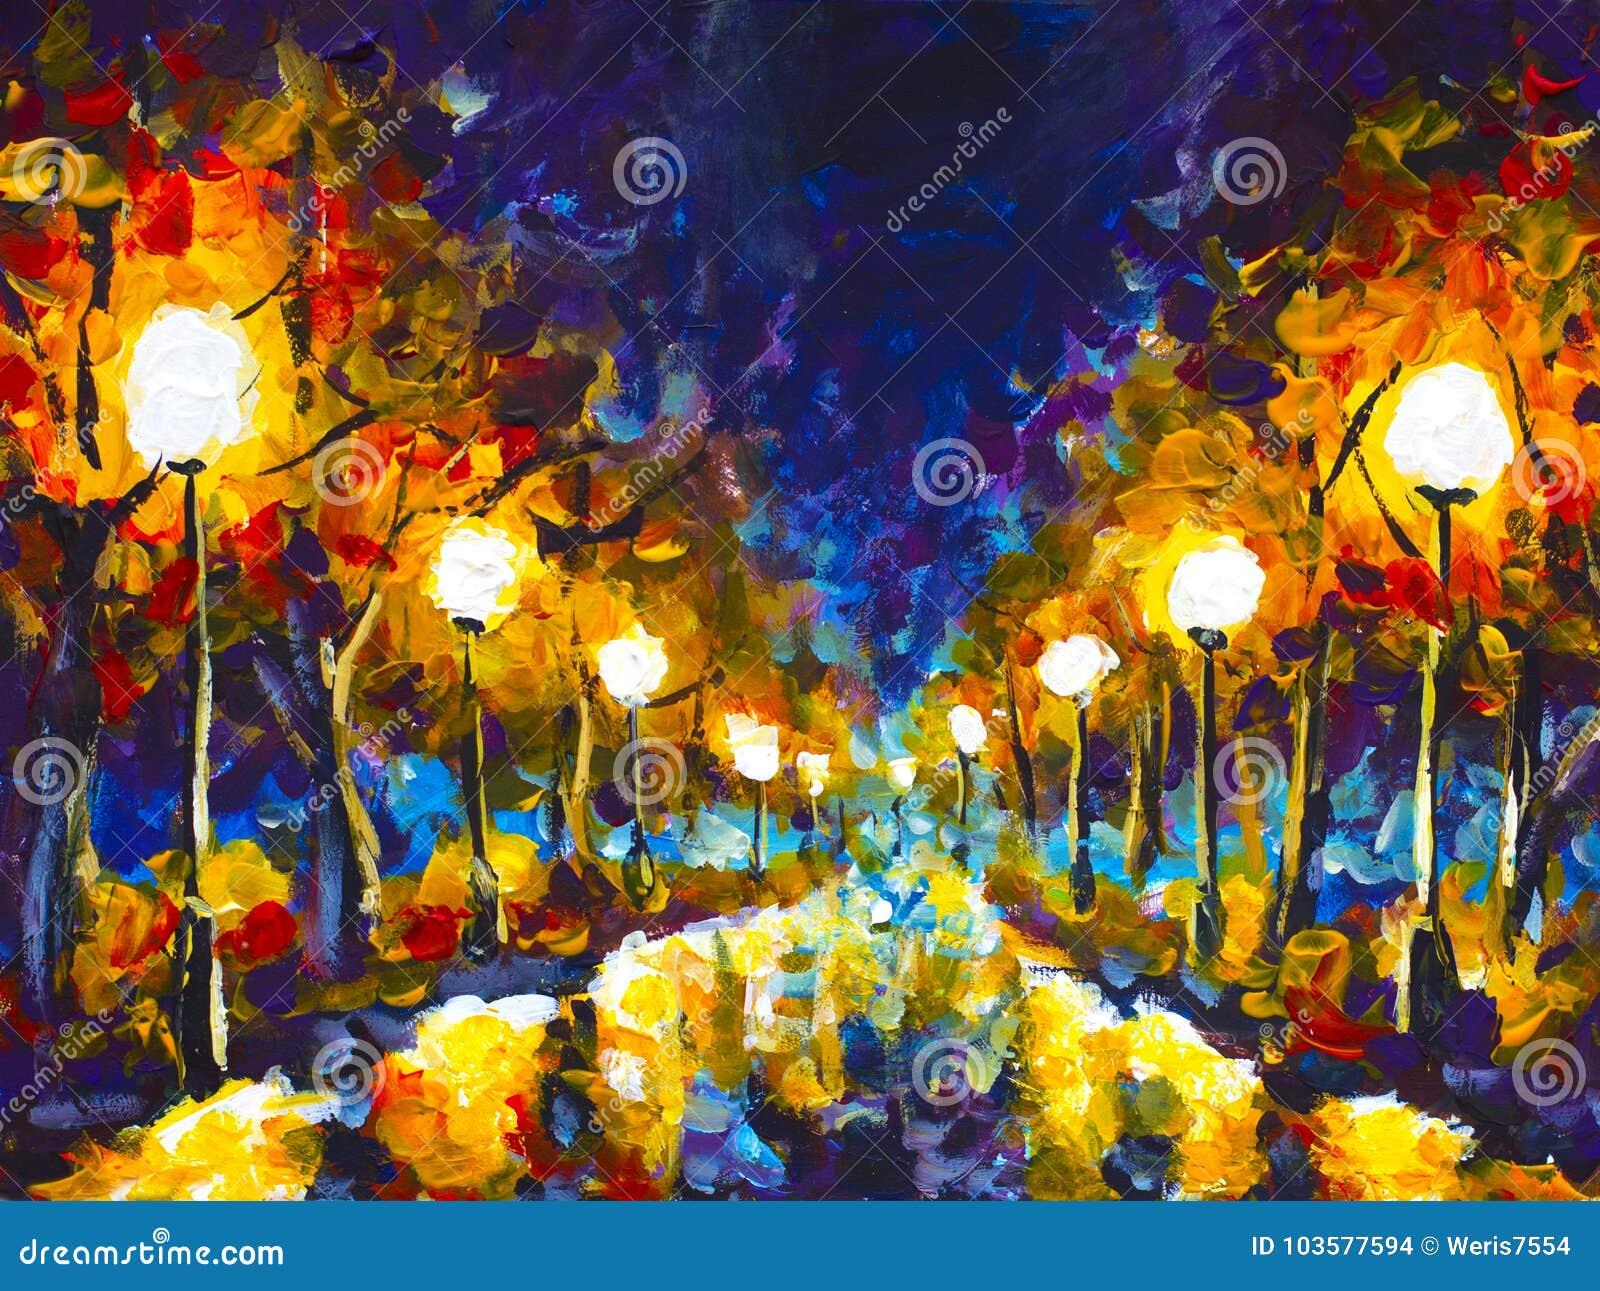 Arquitetura da cidade original do parque da noite da pintura a óleo do expressionismo, reflexão bonita no asfalto molhado na lona